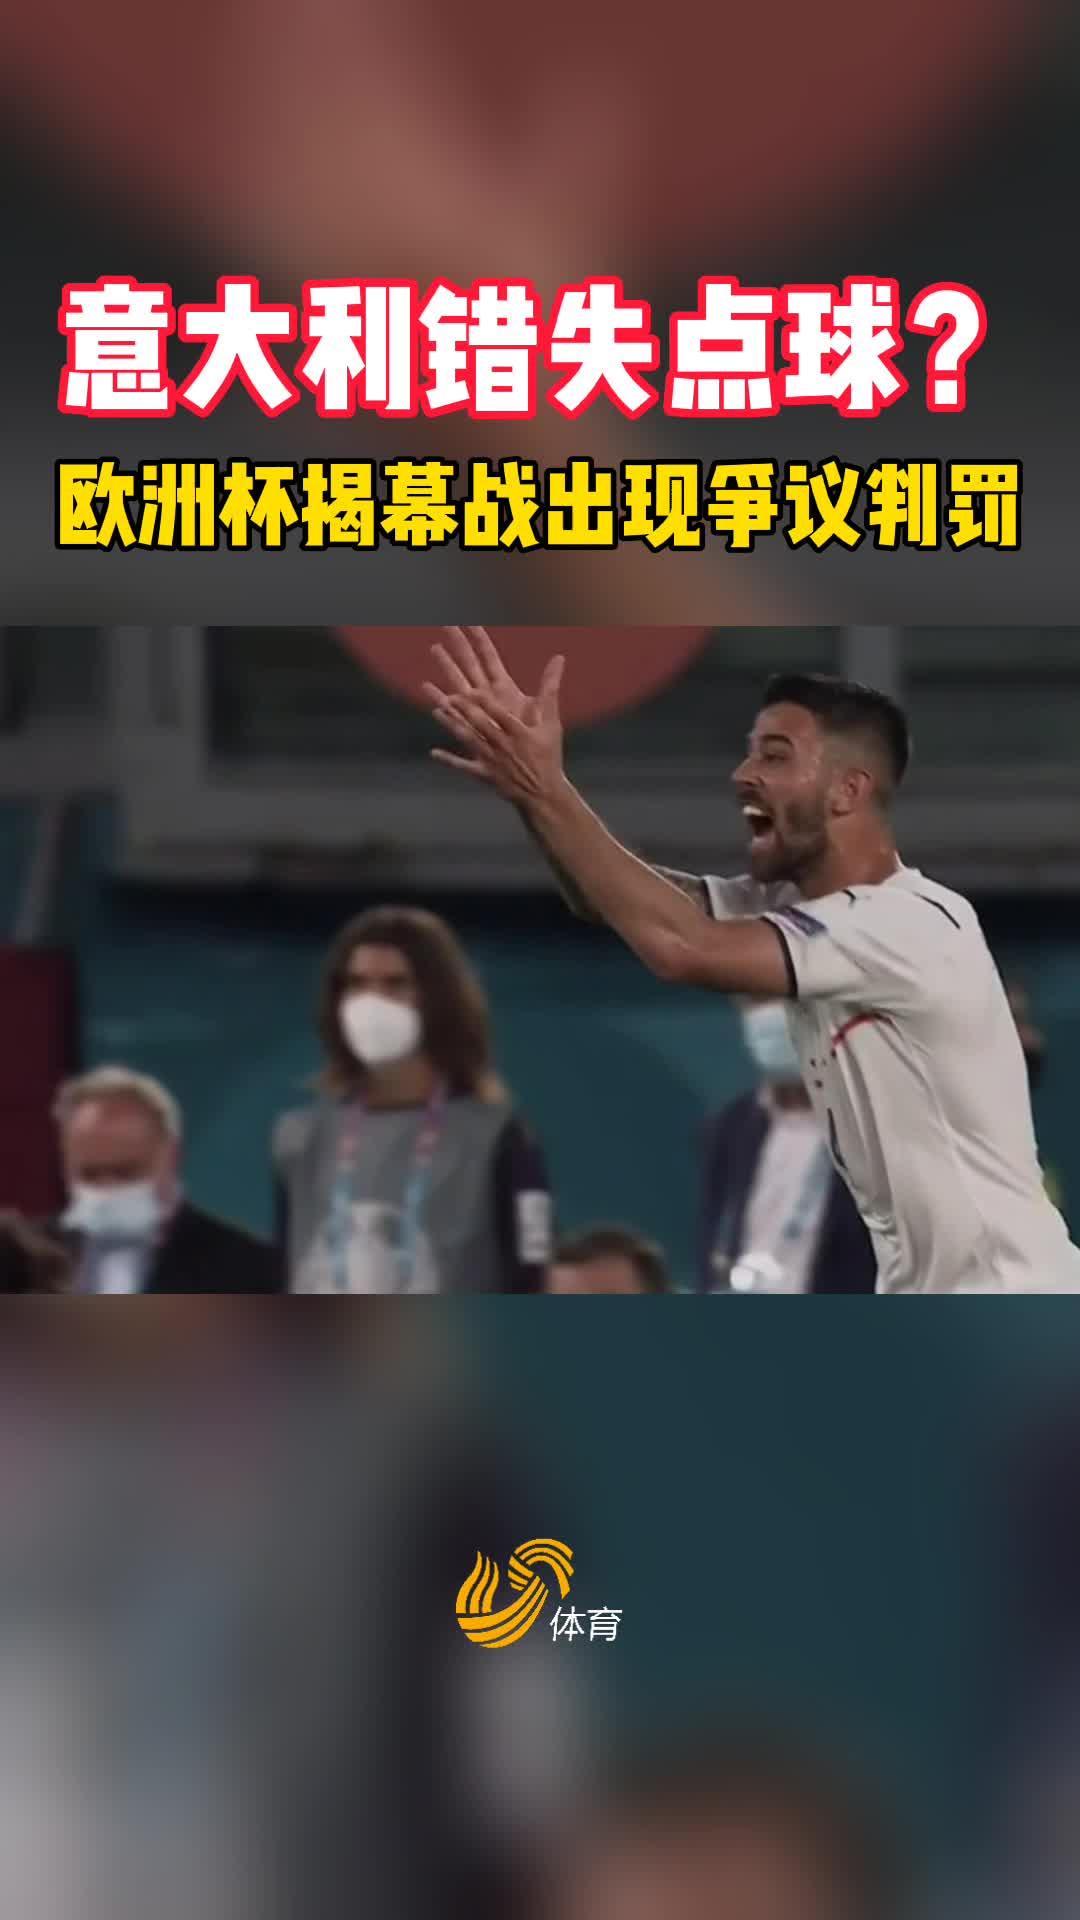 視頻丨歐洲杯揭幕戰出現爭議判罰!你覺得切利克手球了嗎?